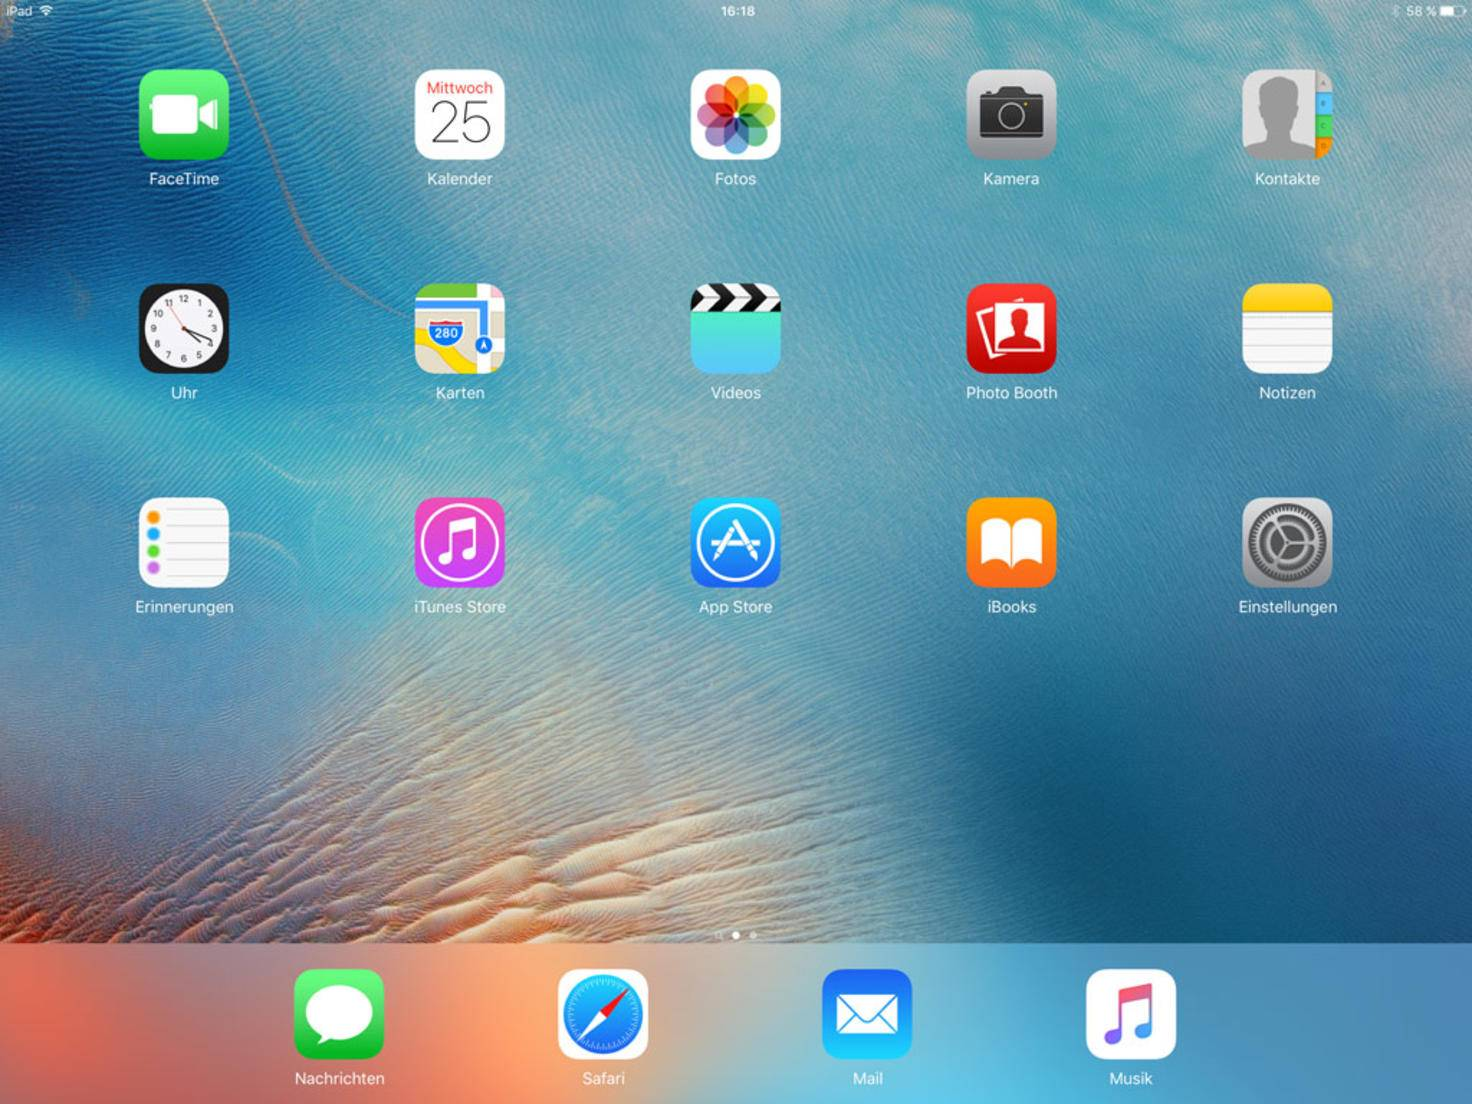 Riesiger Bildschirm, riesige Lücken: iOS 9 nutzt nicht das volle Potenzial des Tablets.